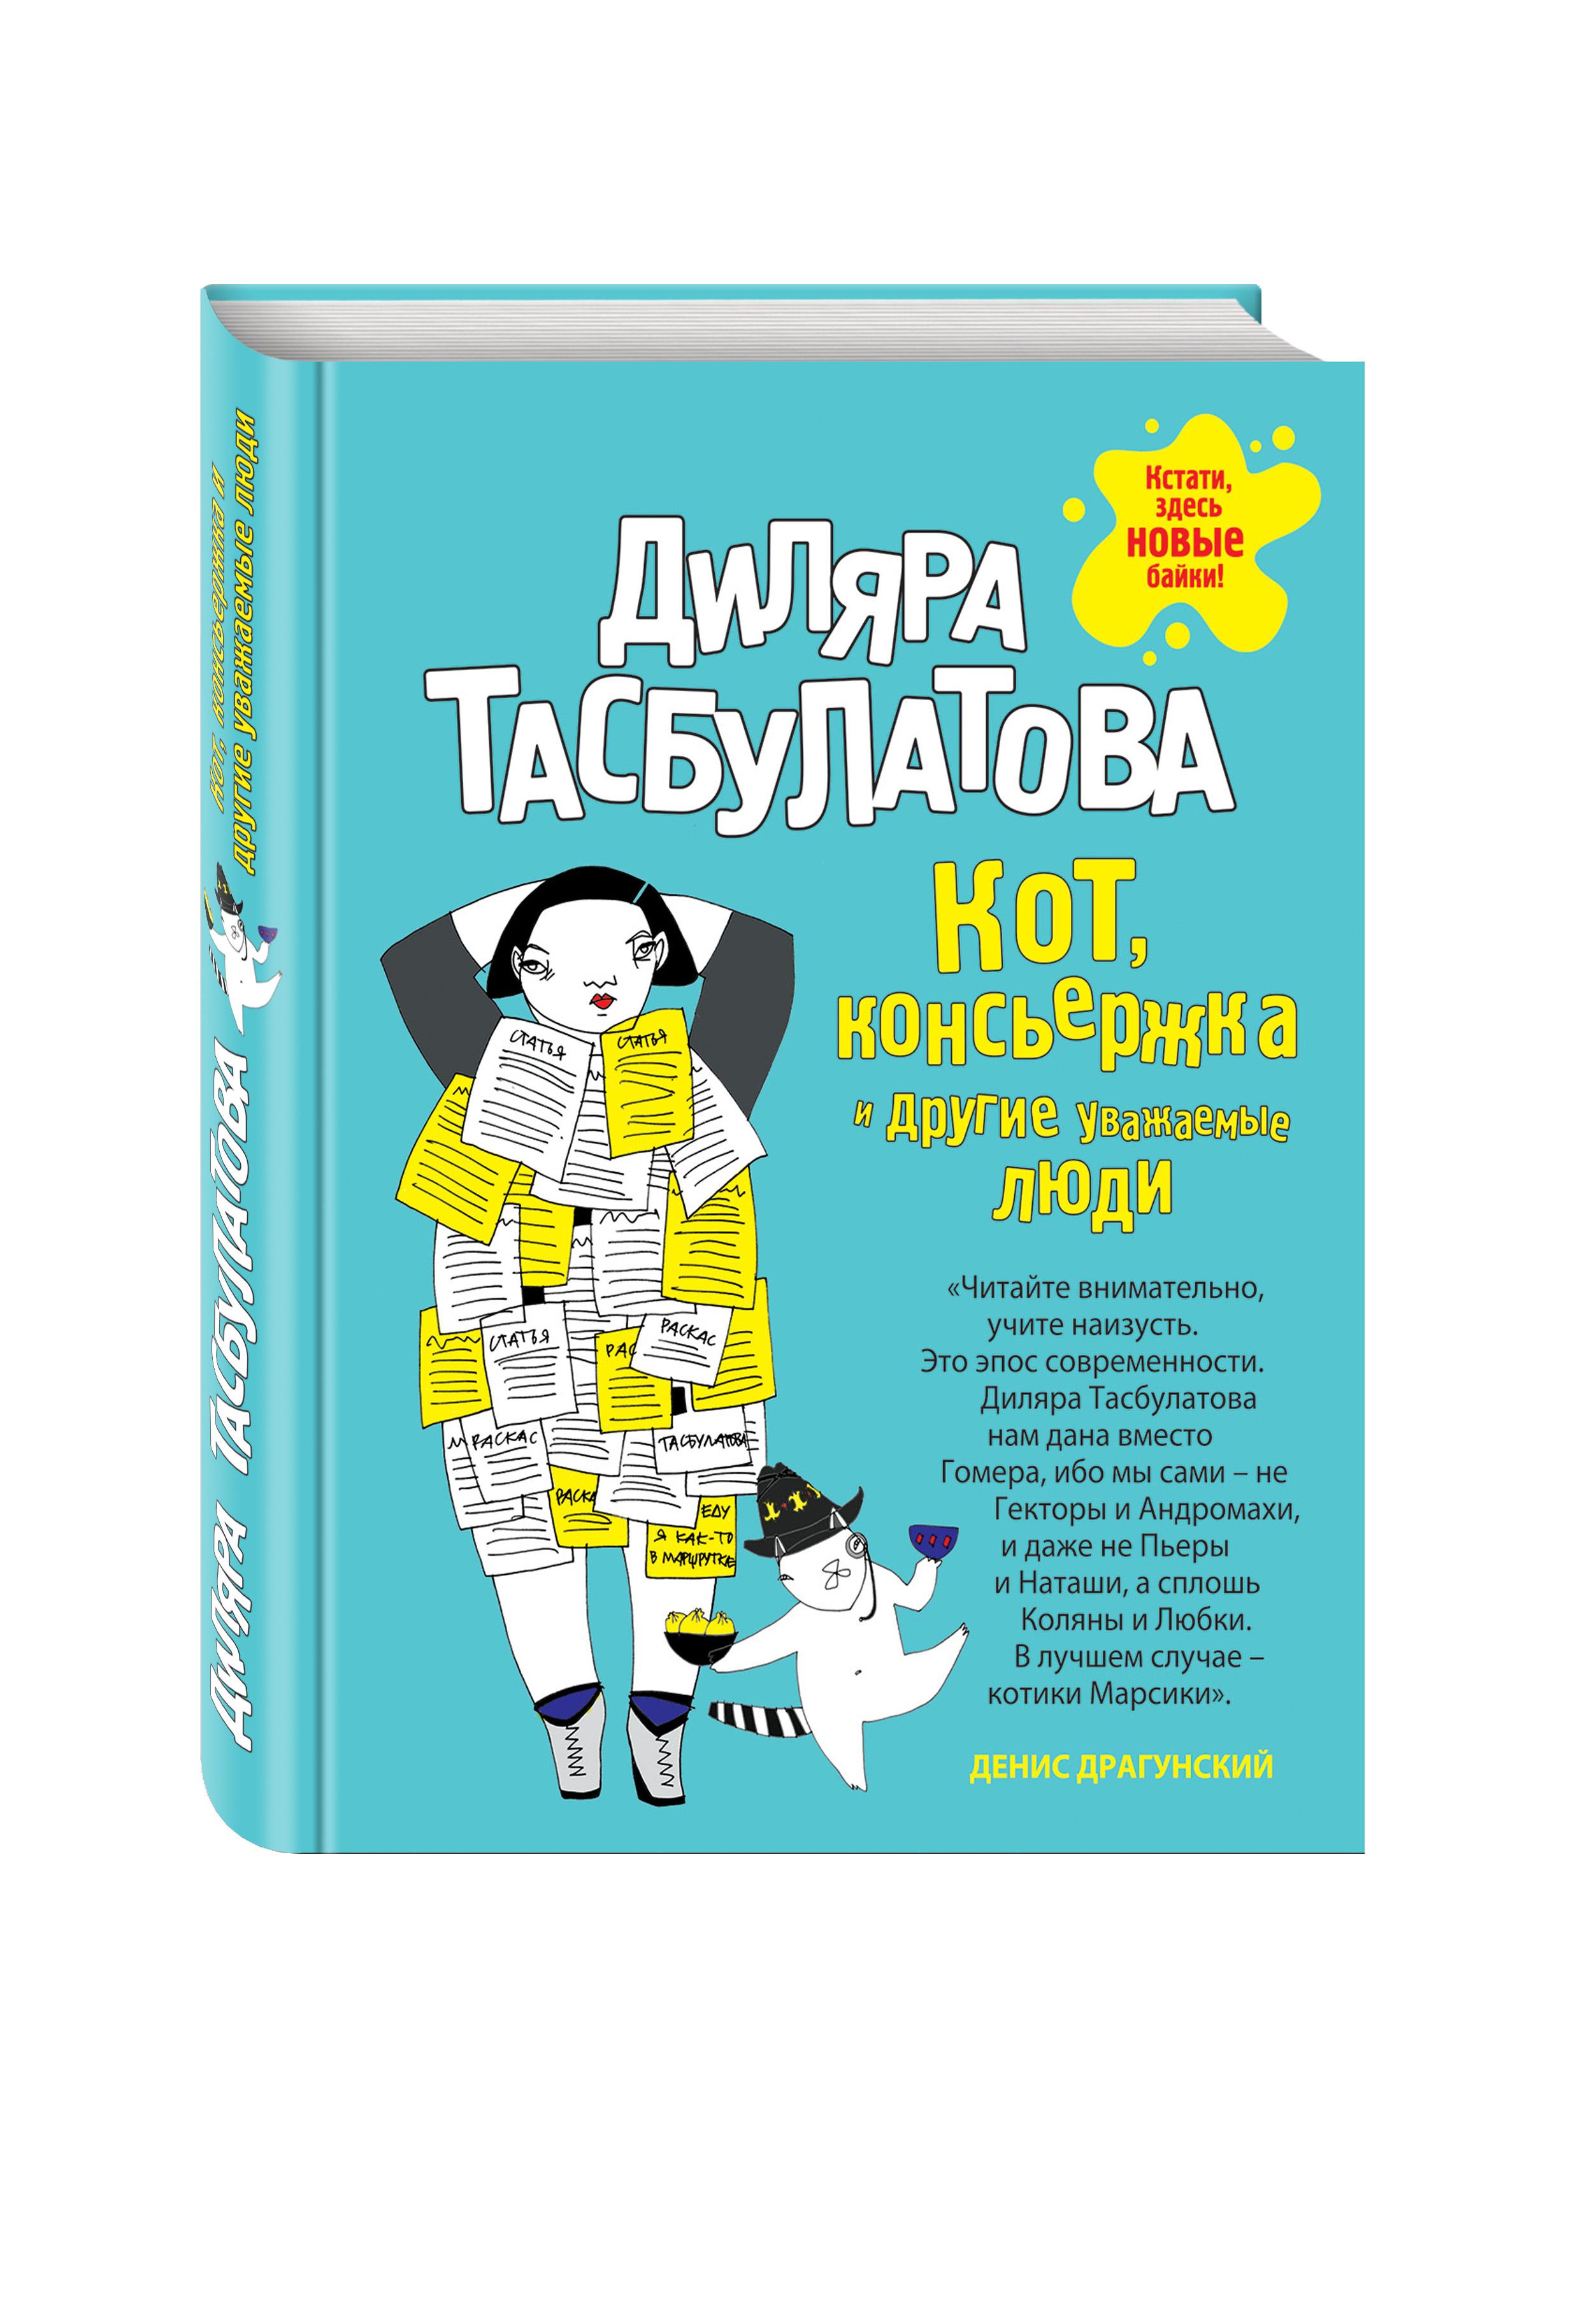 Тасбулатова Д. Кот, консьержка и другие уважаемые люди